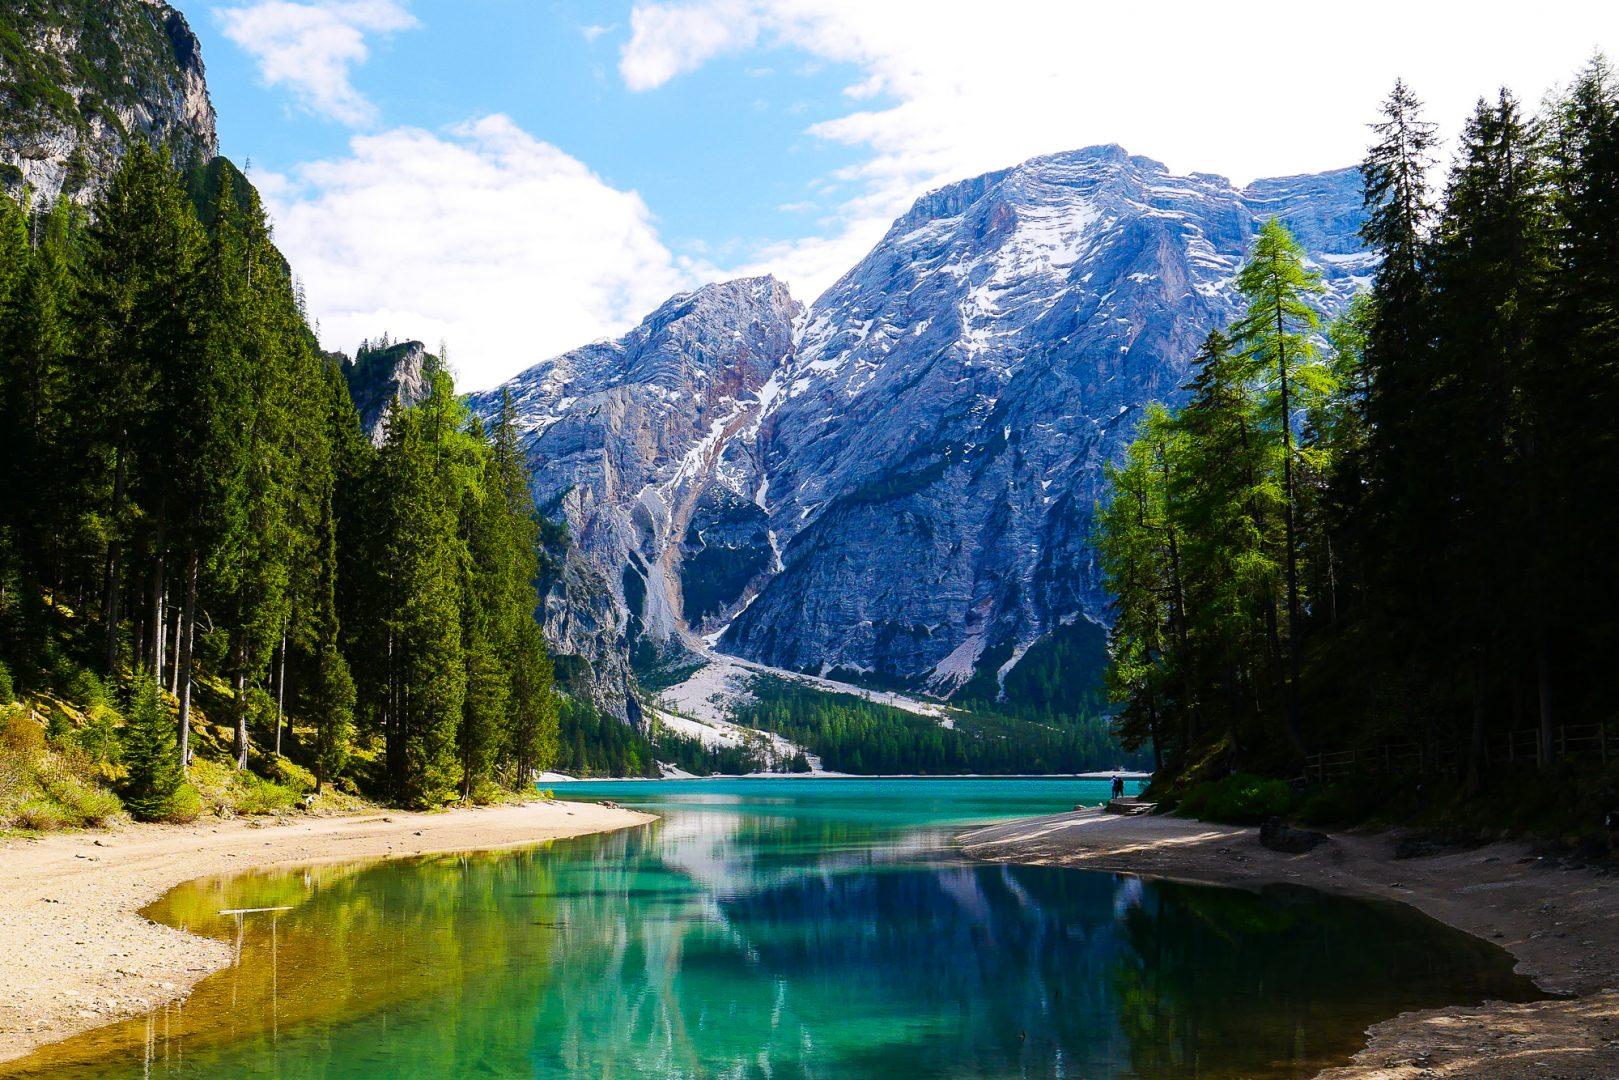 Popolare I paesaggi mozzafiato della Val Pusteria | Collater.al WQ85